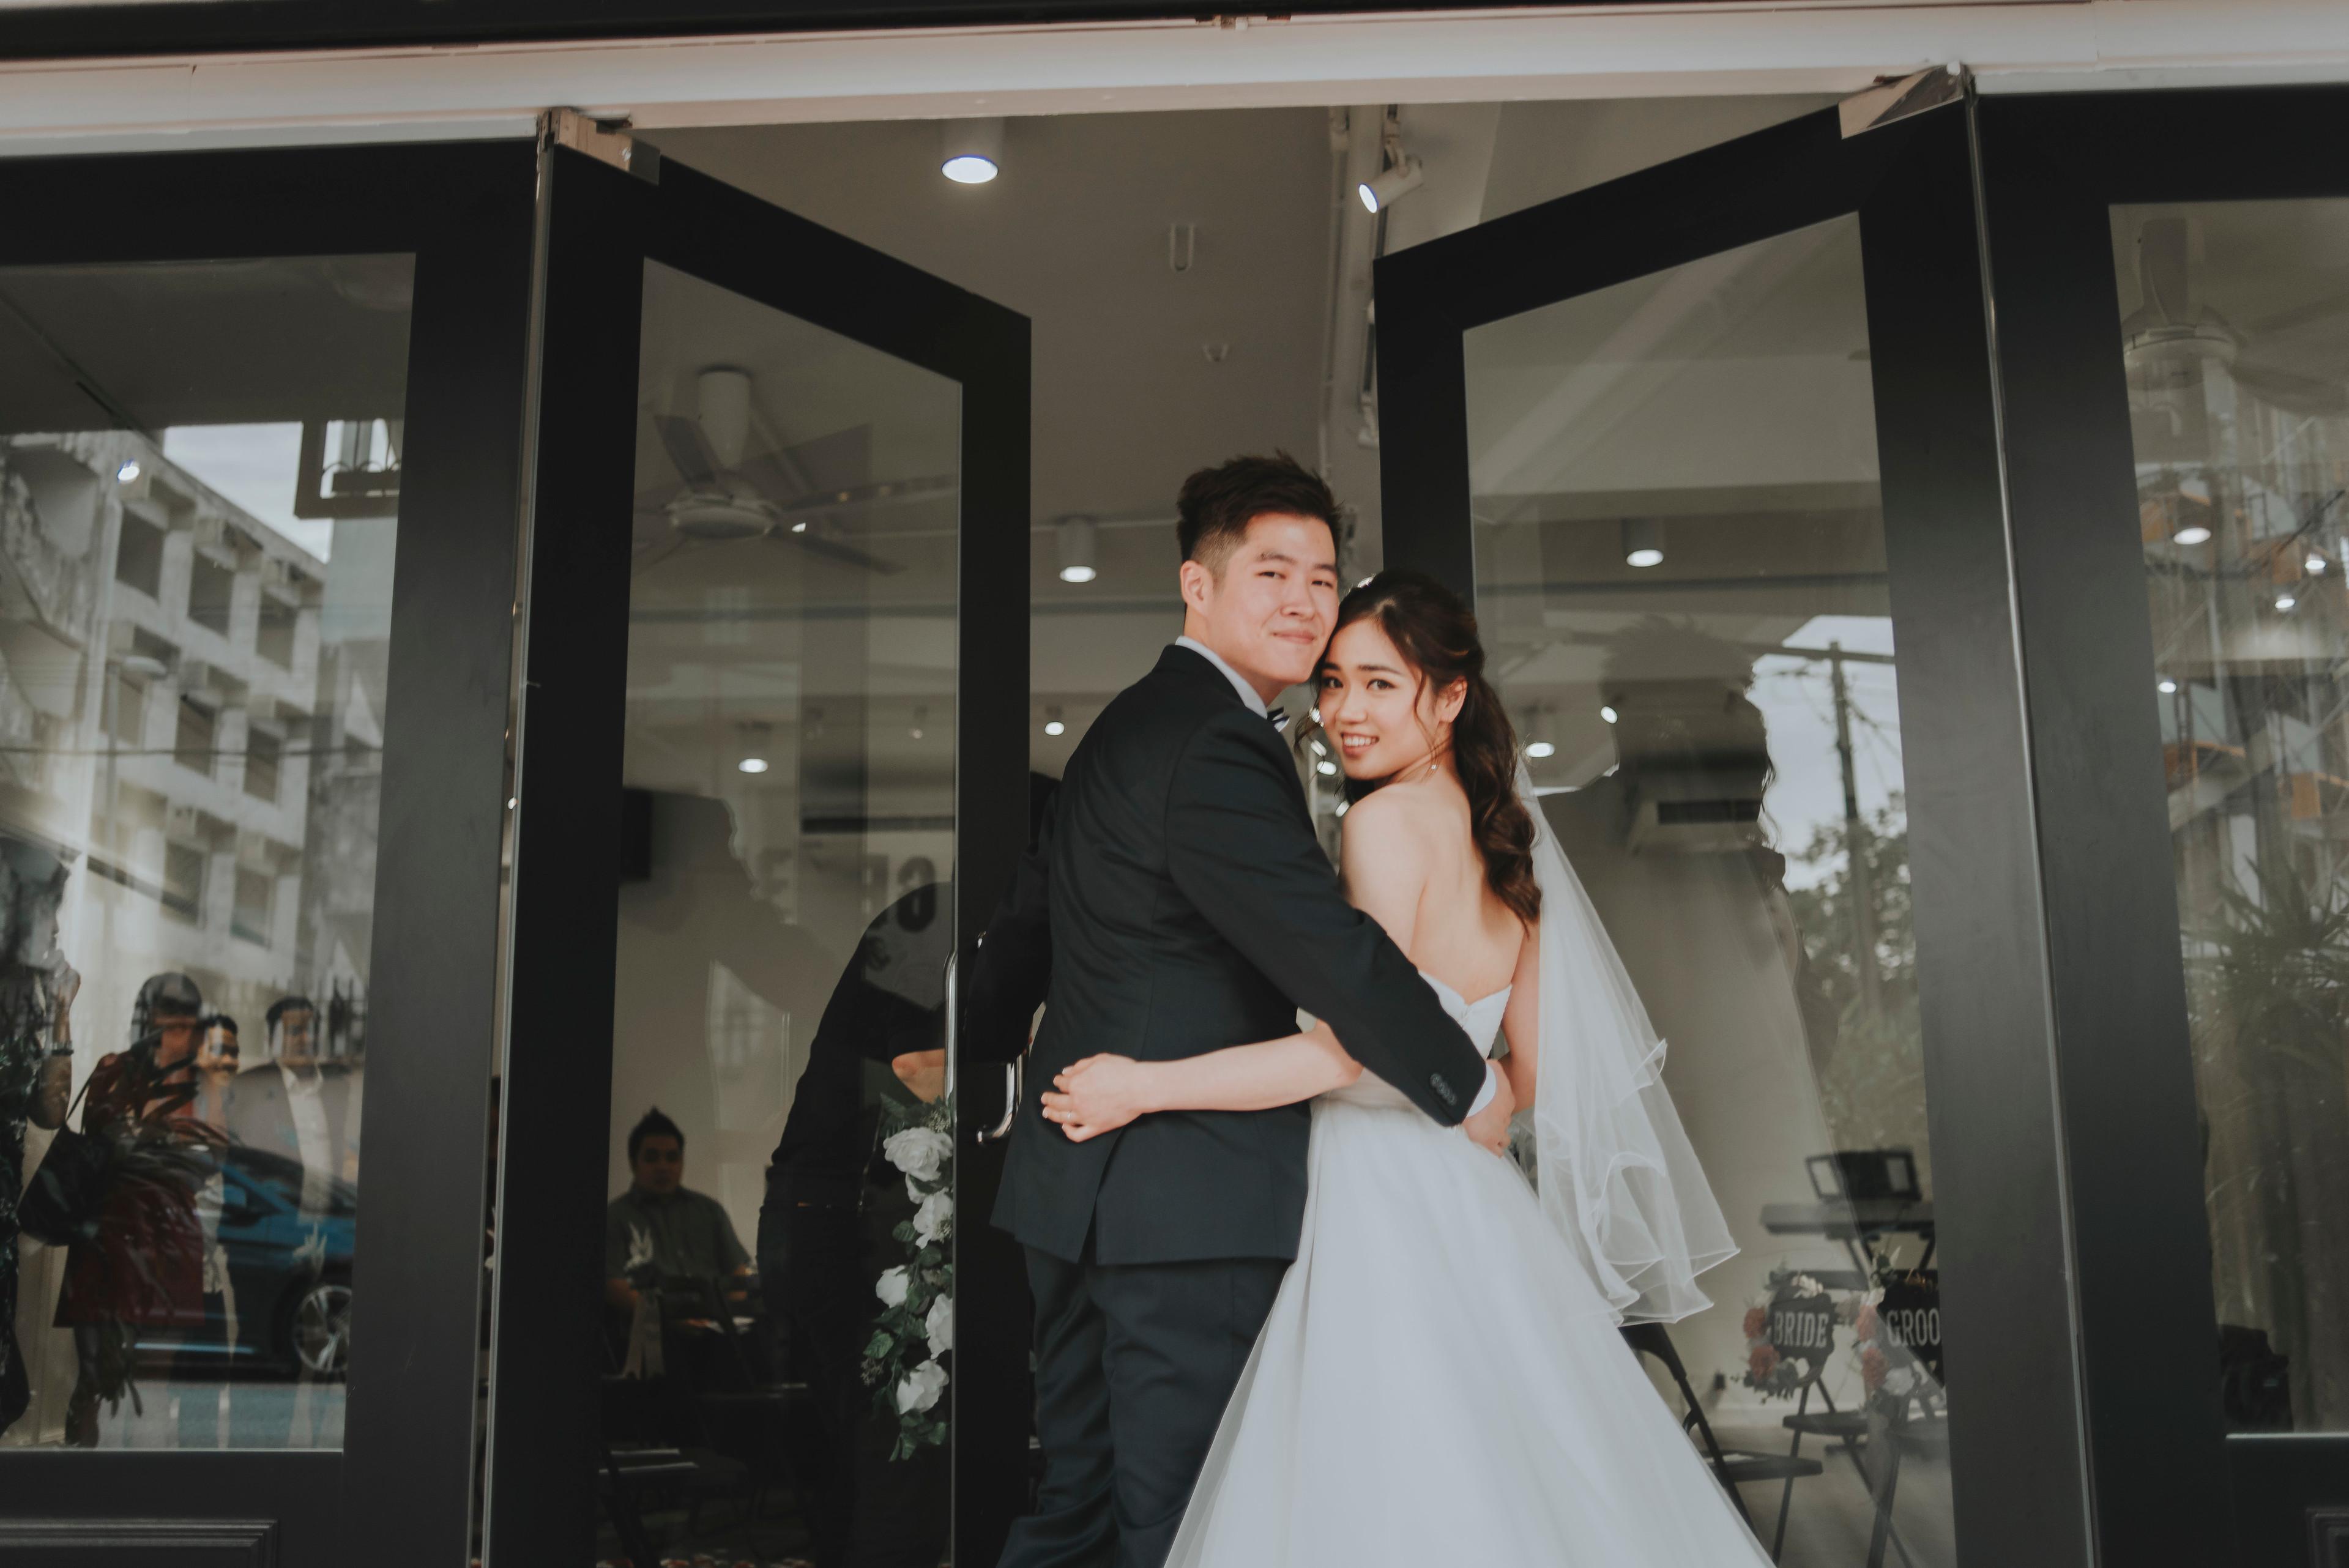 ROM Wedding in General Space, Petaling Jaya